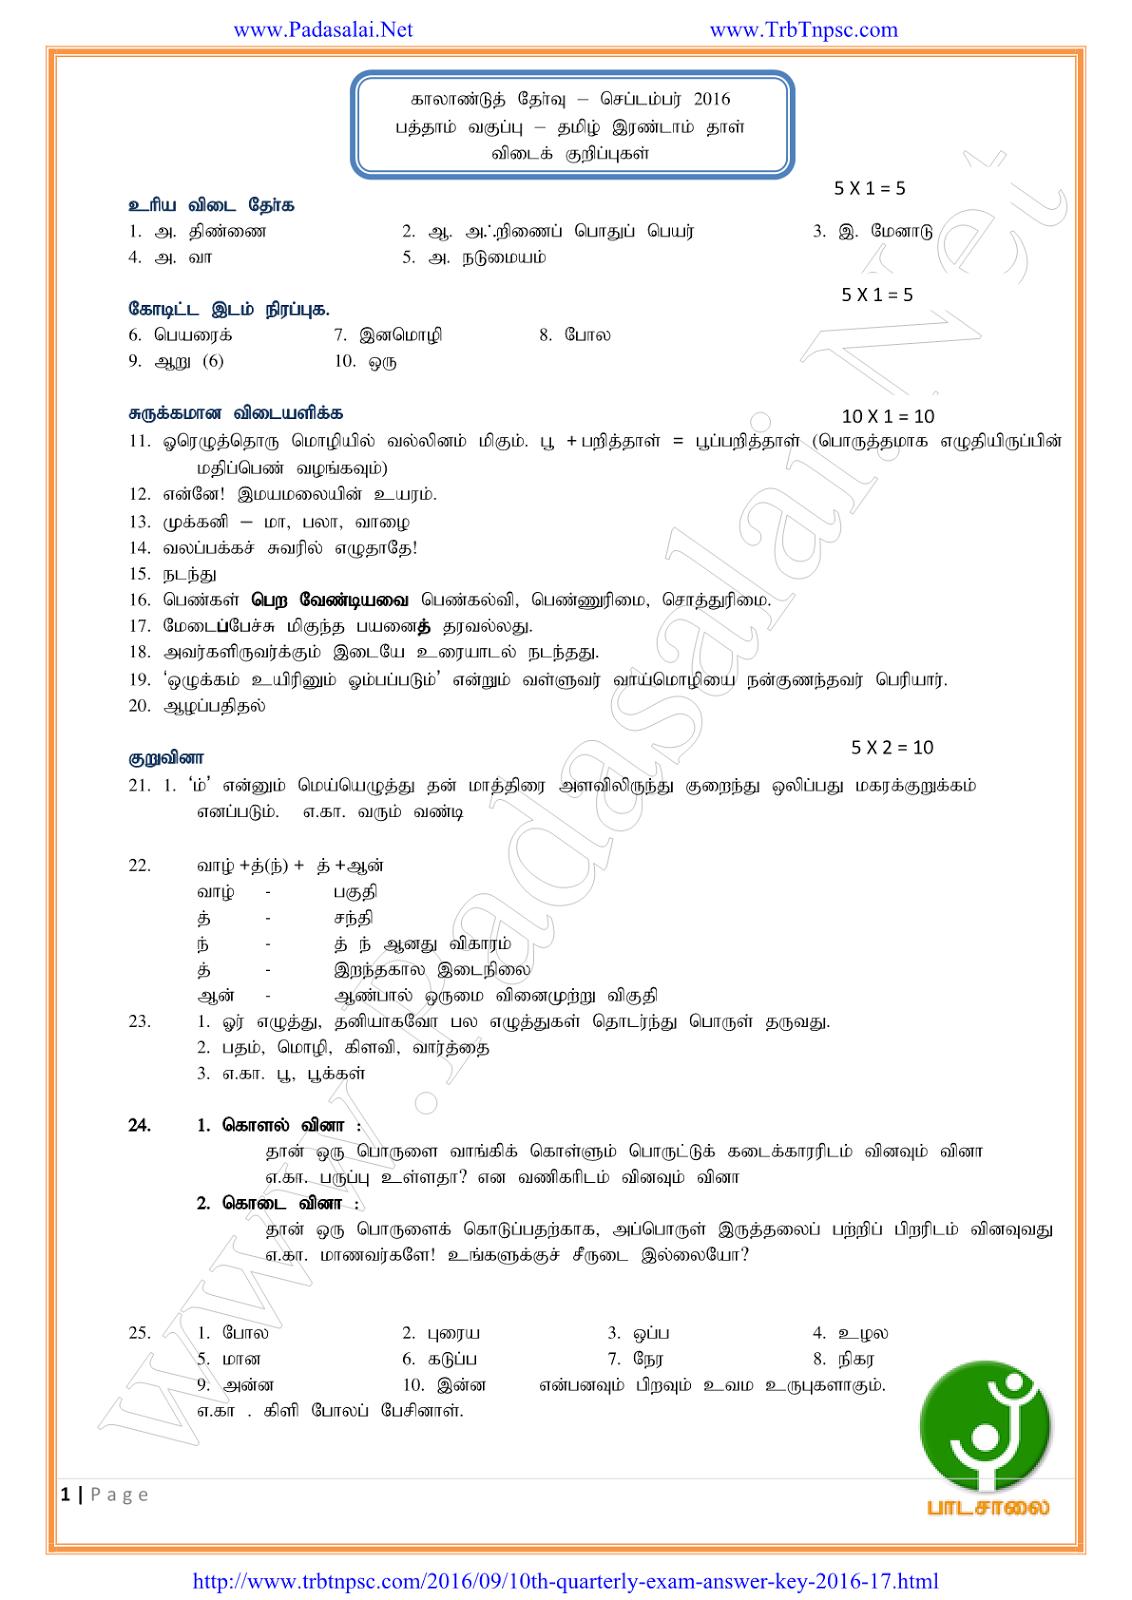 SSLC Quarterly Exam Key Answer 2016-17 for Tamil Paper 2